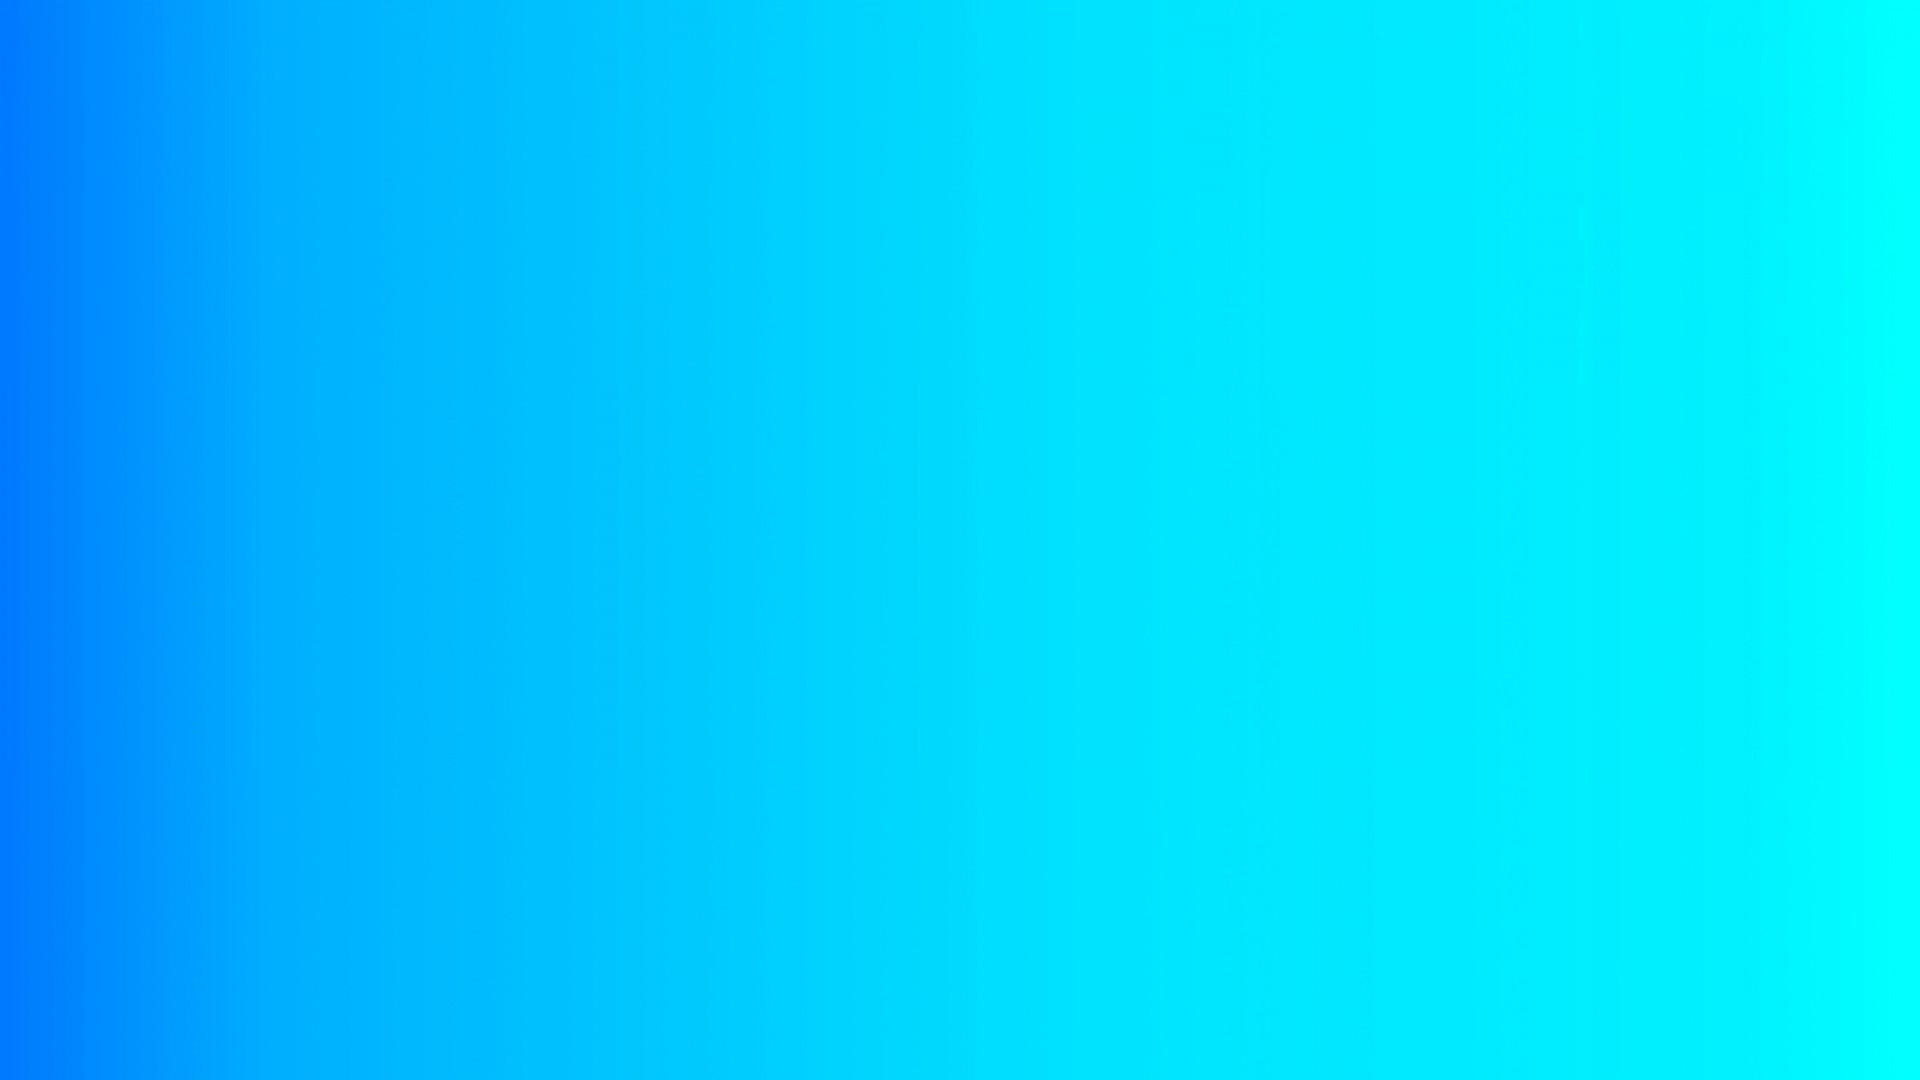 Fond-bleu